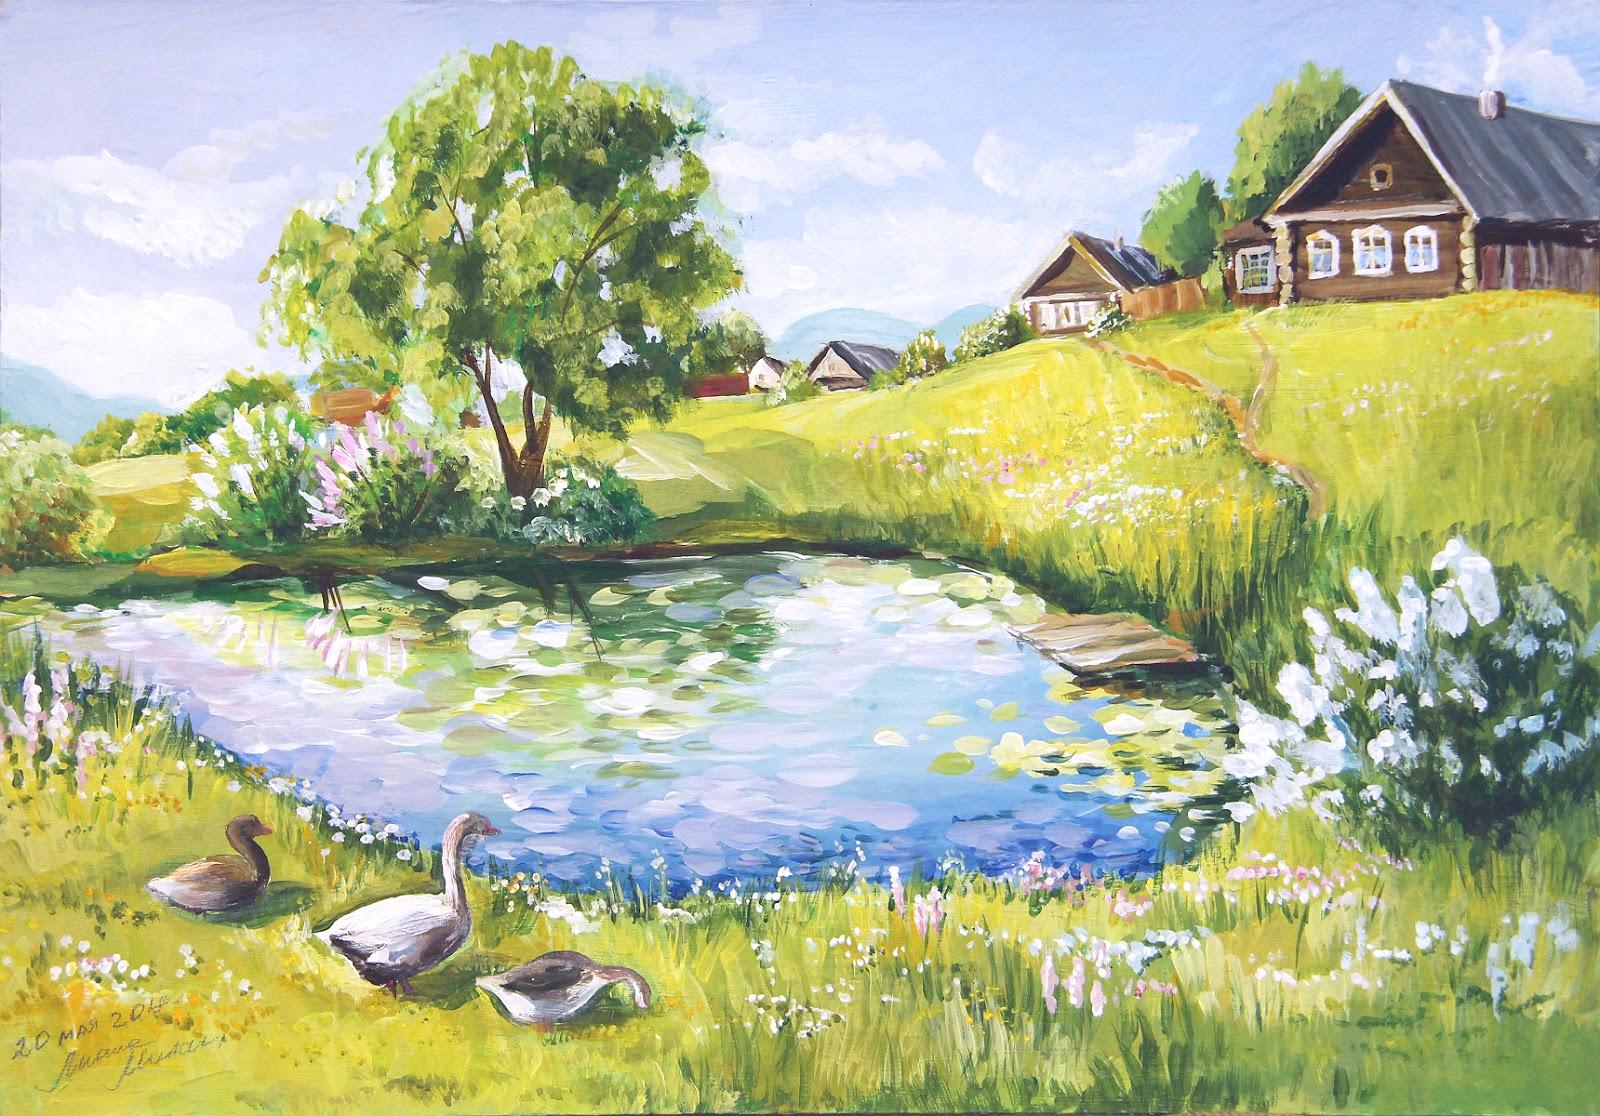 фотки, картинки лето в деревне карандашом насыщенный, придает торжественную